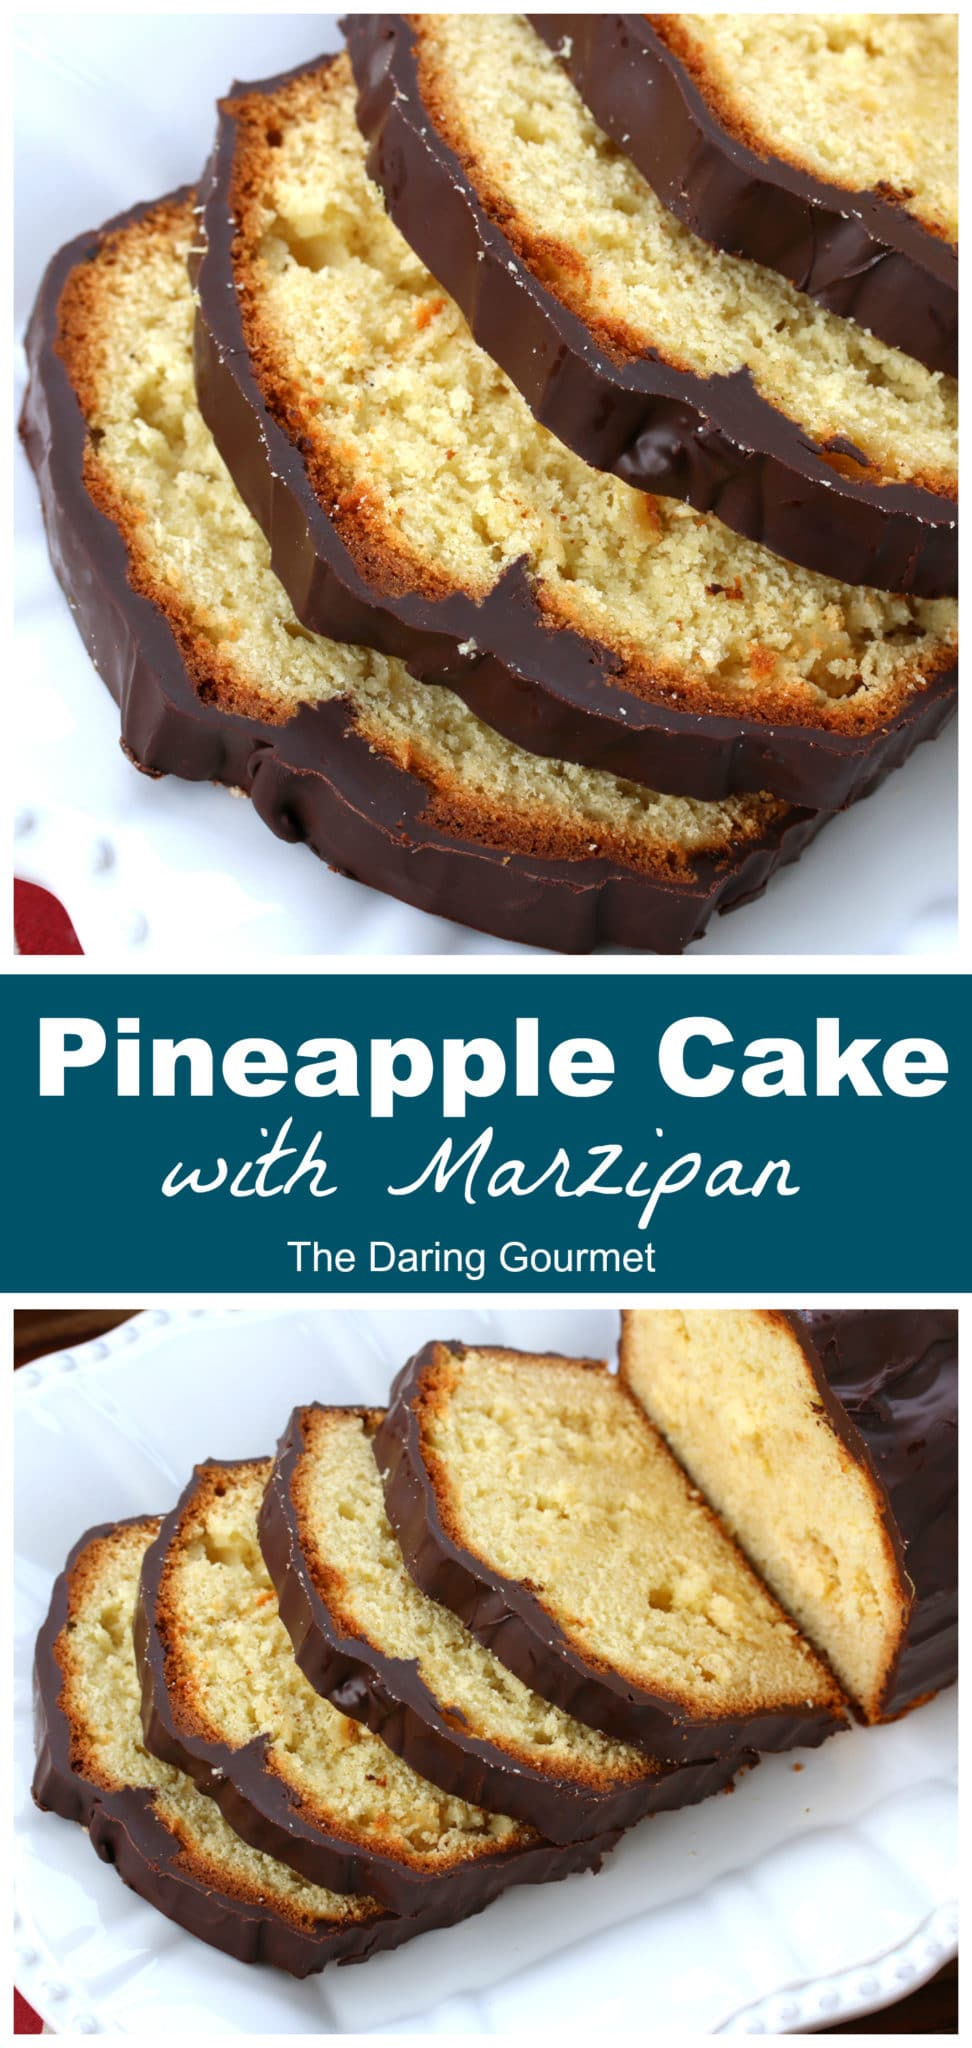 pineapple cake recipe chocolate marzipan almond paste